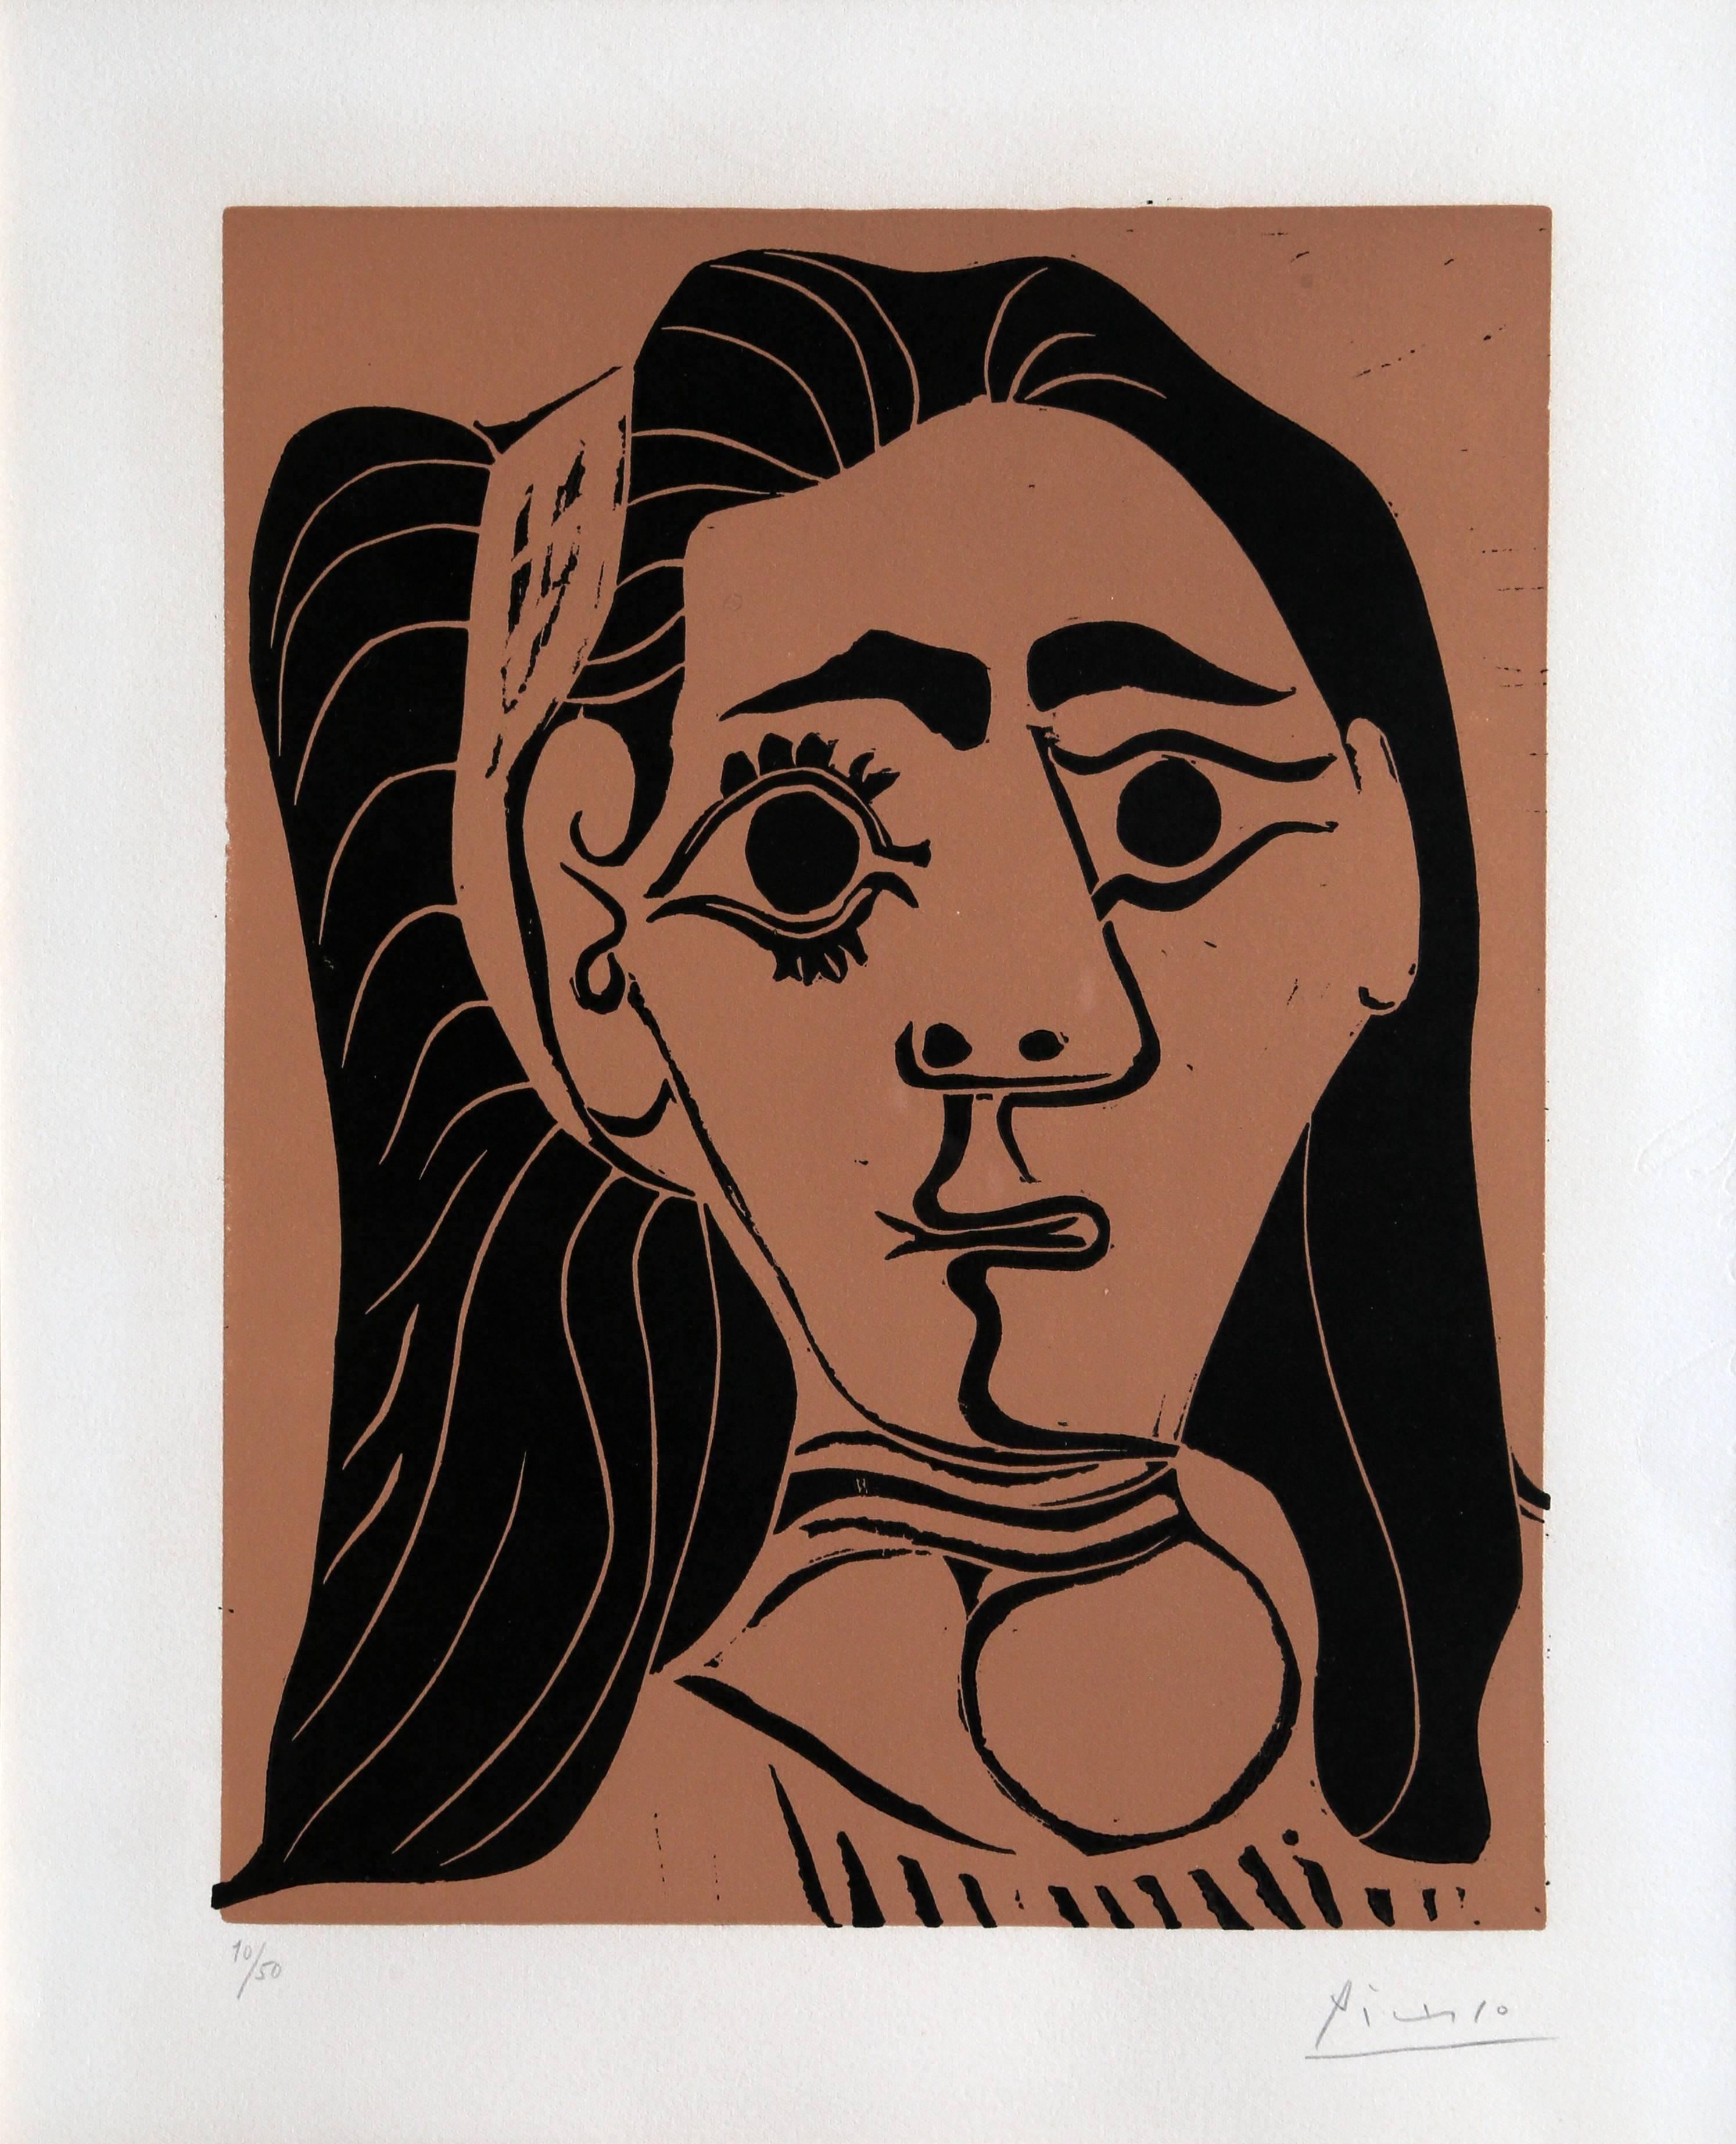 Jacqueline au Bandeau, Signed Linocut 1962 by Pablo Picasso